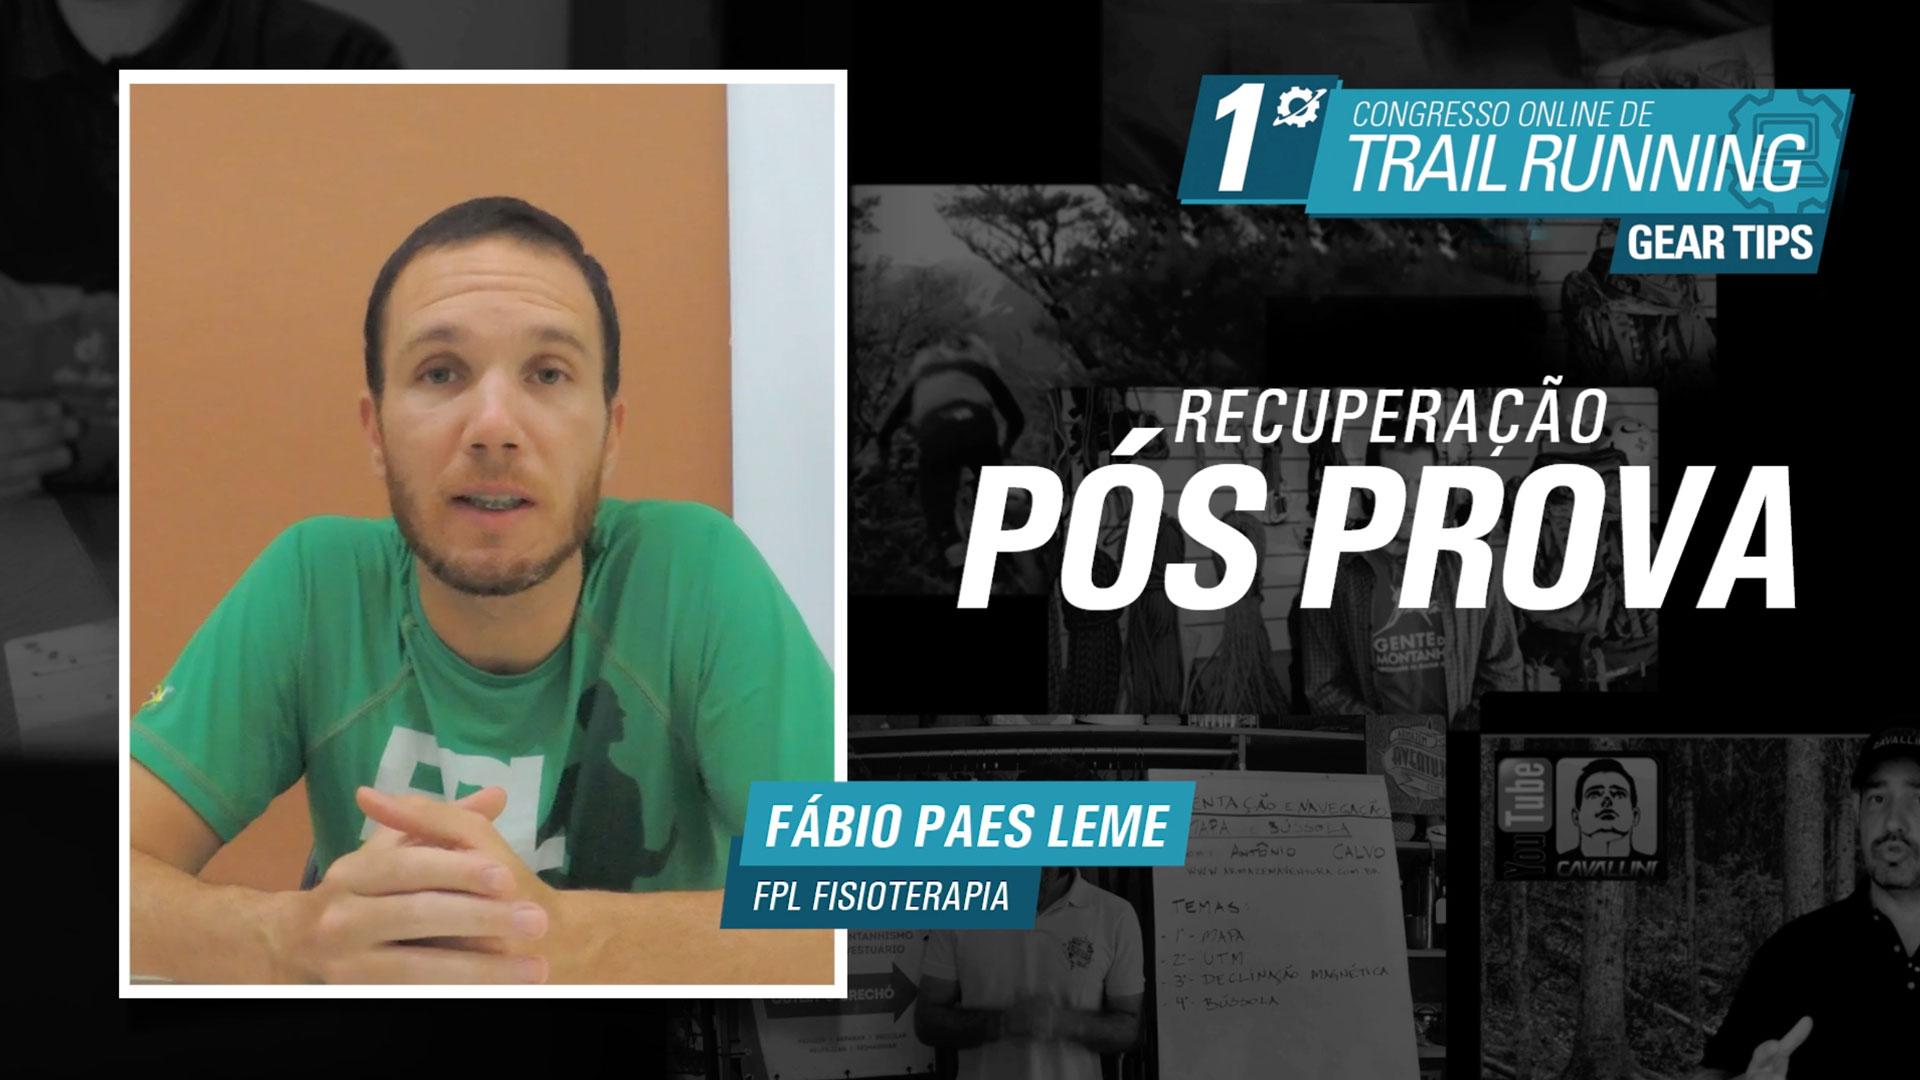 Recuperação Pós Prova - Fabio Paes Leme